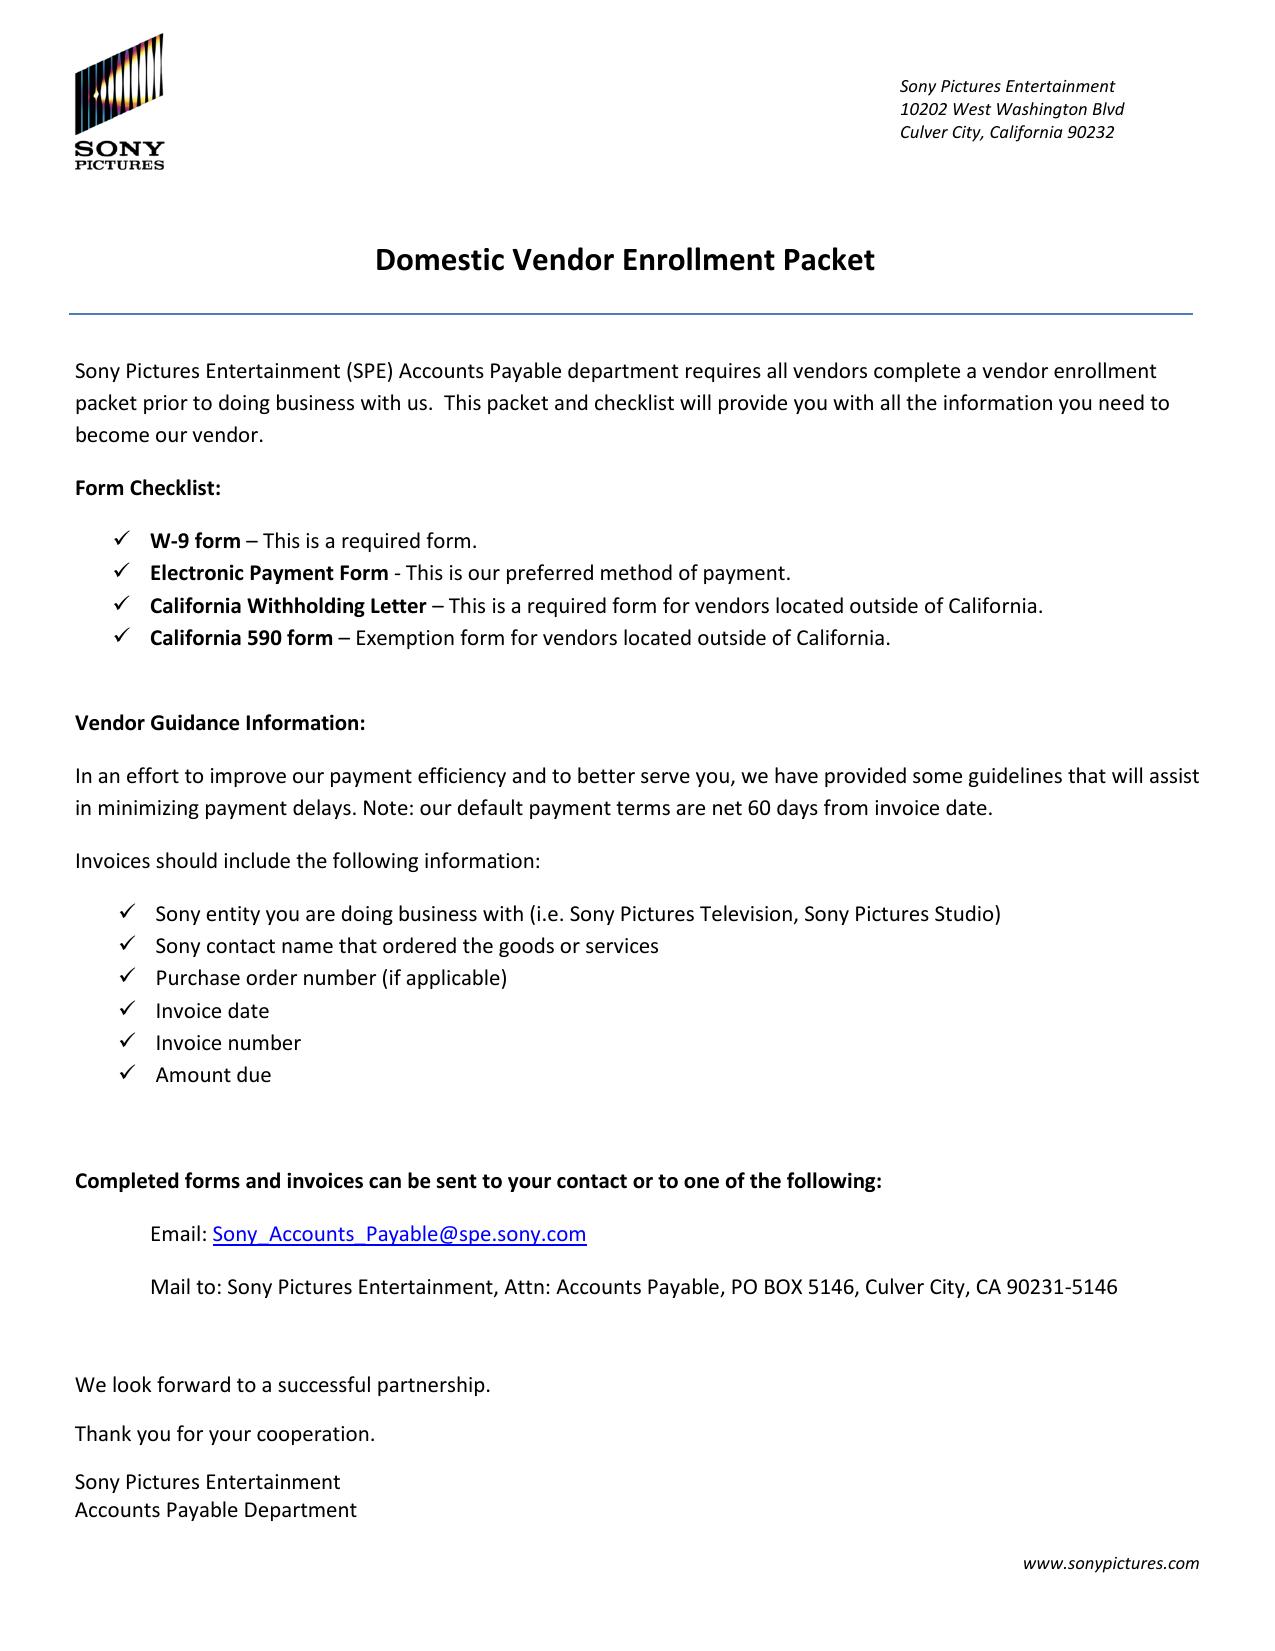 Domestic Vendor Enrollment Packet   Manualzz